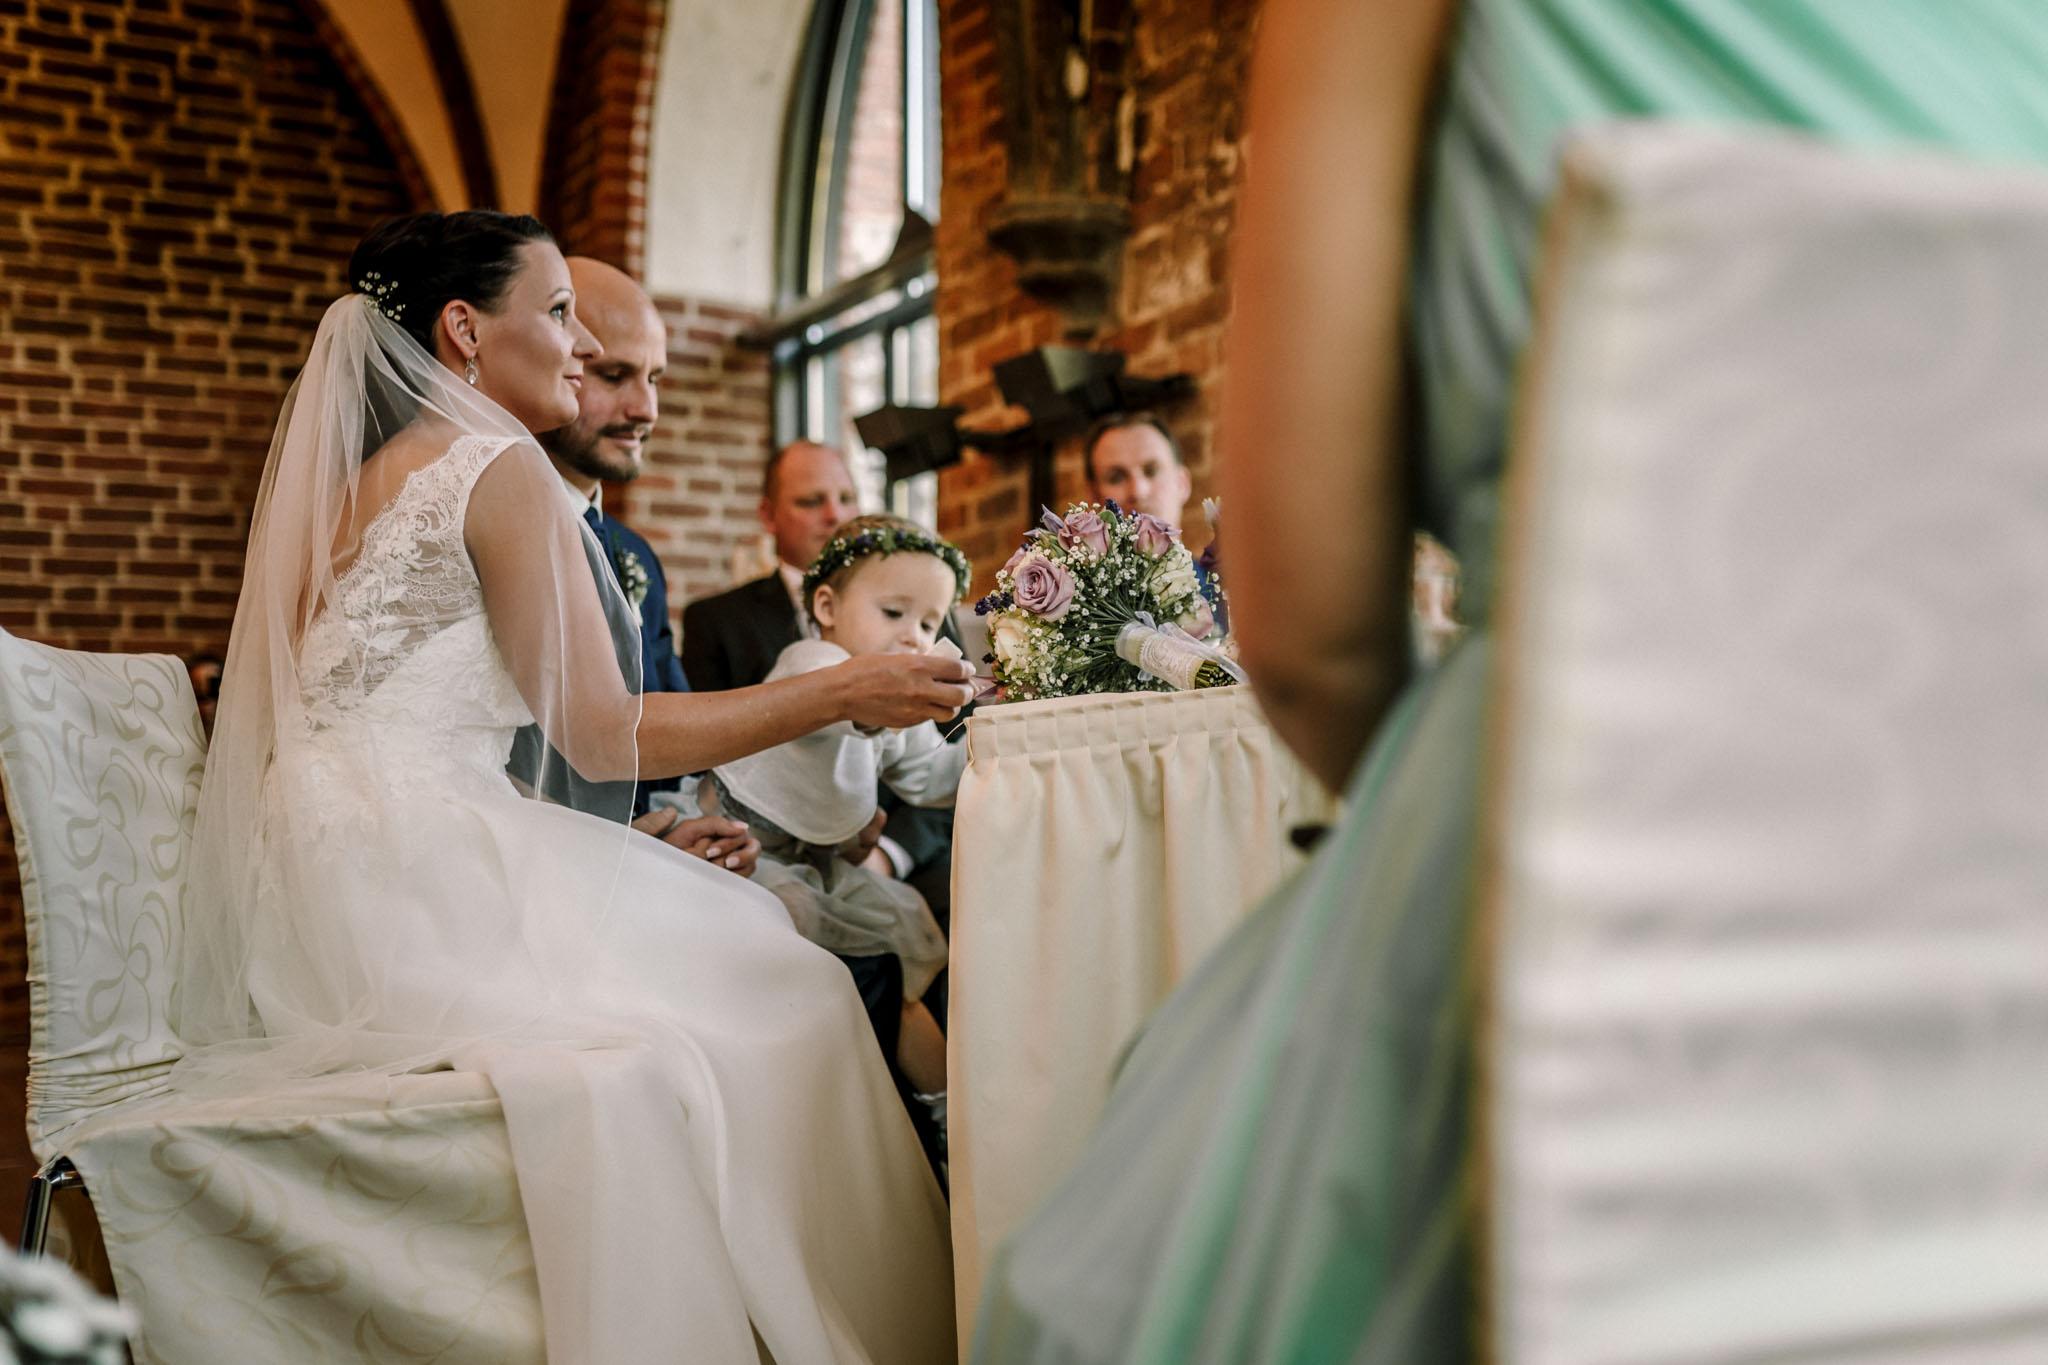 Hochzeitsfieber by Photo-Schomburg, Hochzeitsfotograf, Hamburg,Hochzeitstag, Hochzeitspaar, Braut, Bräutigam, Literaturhauscafe Zarrentin-27